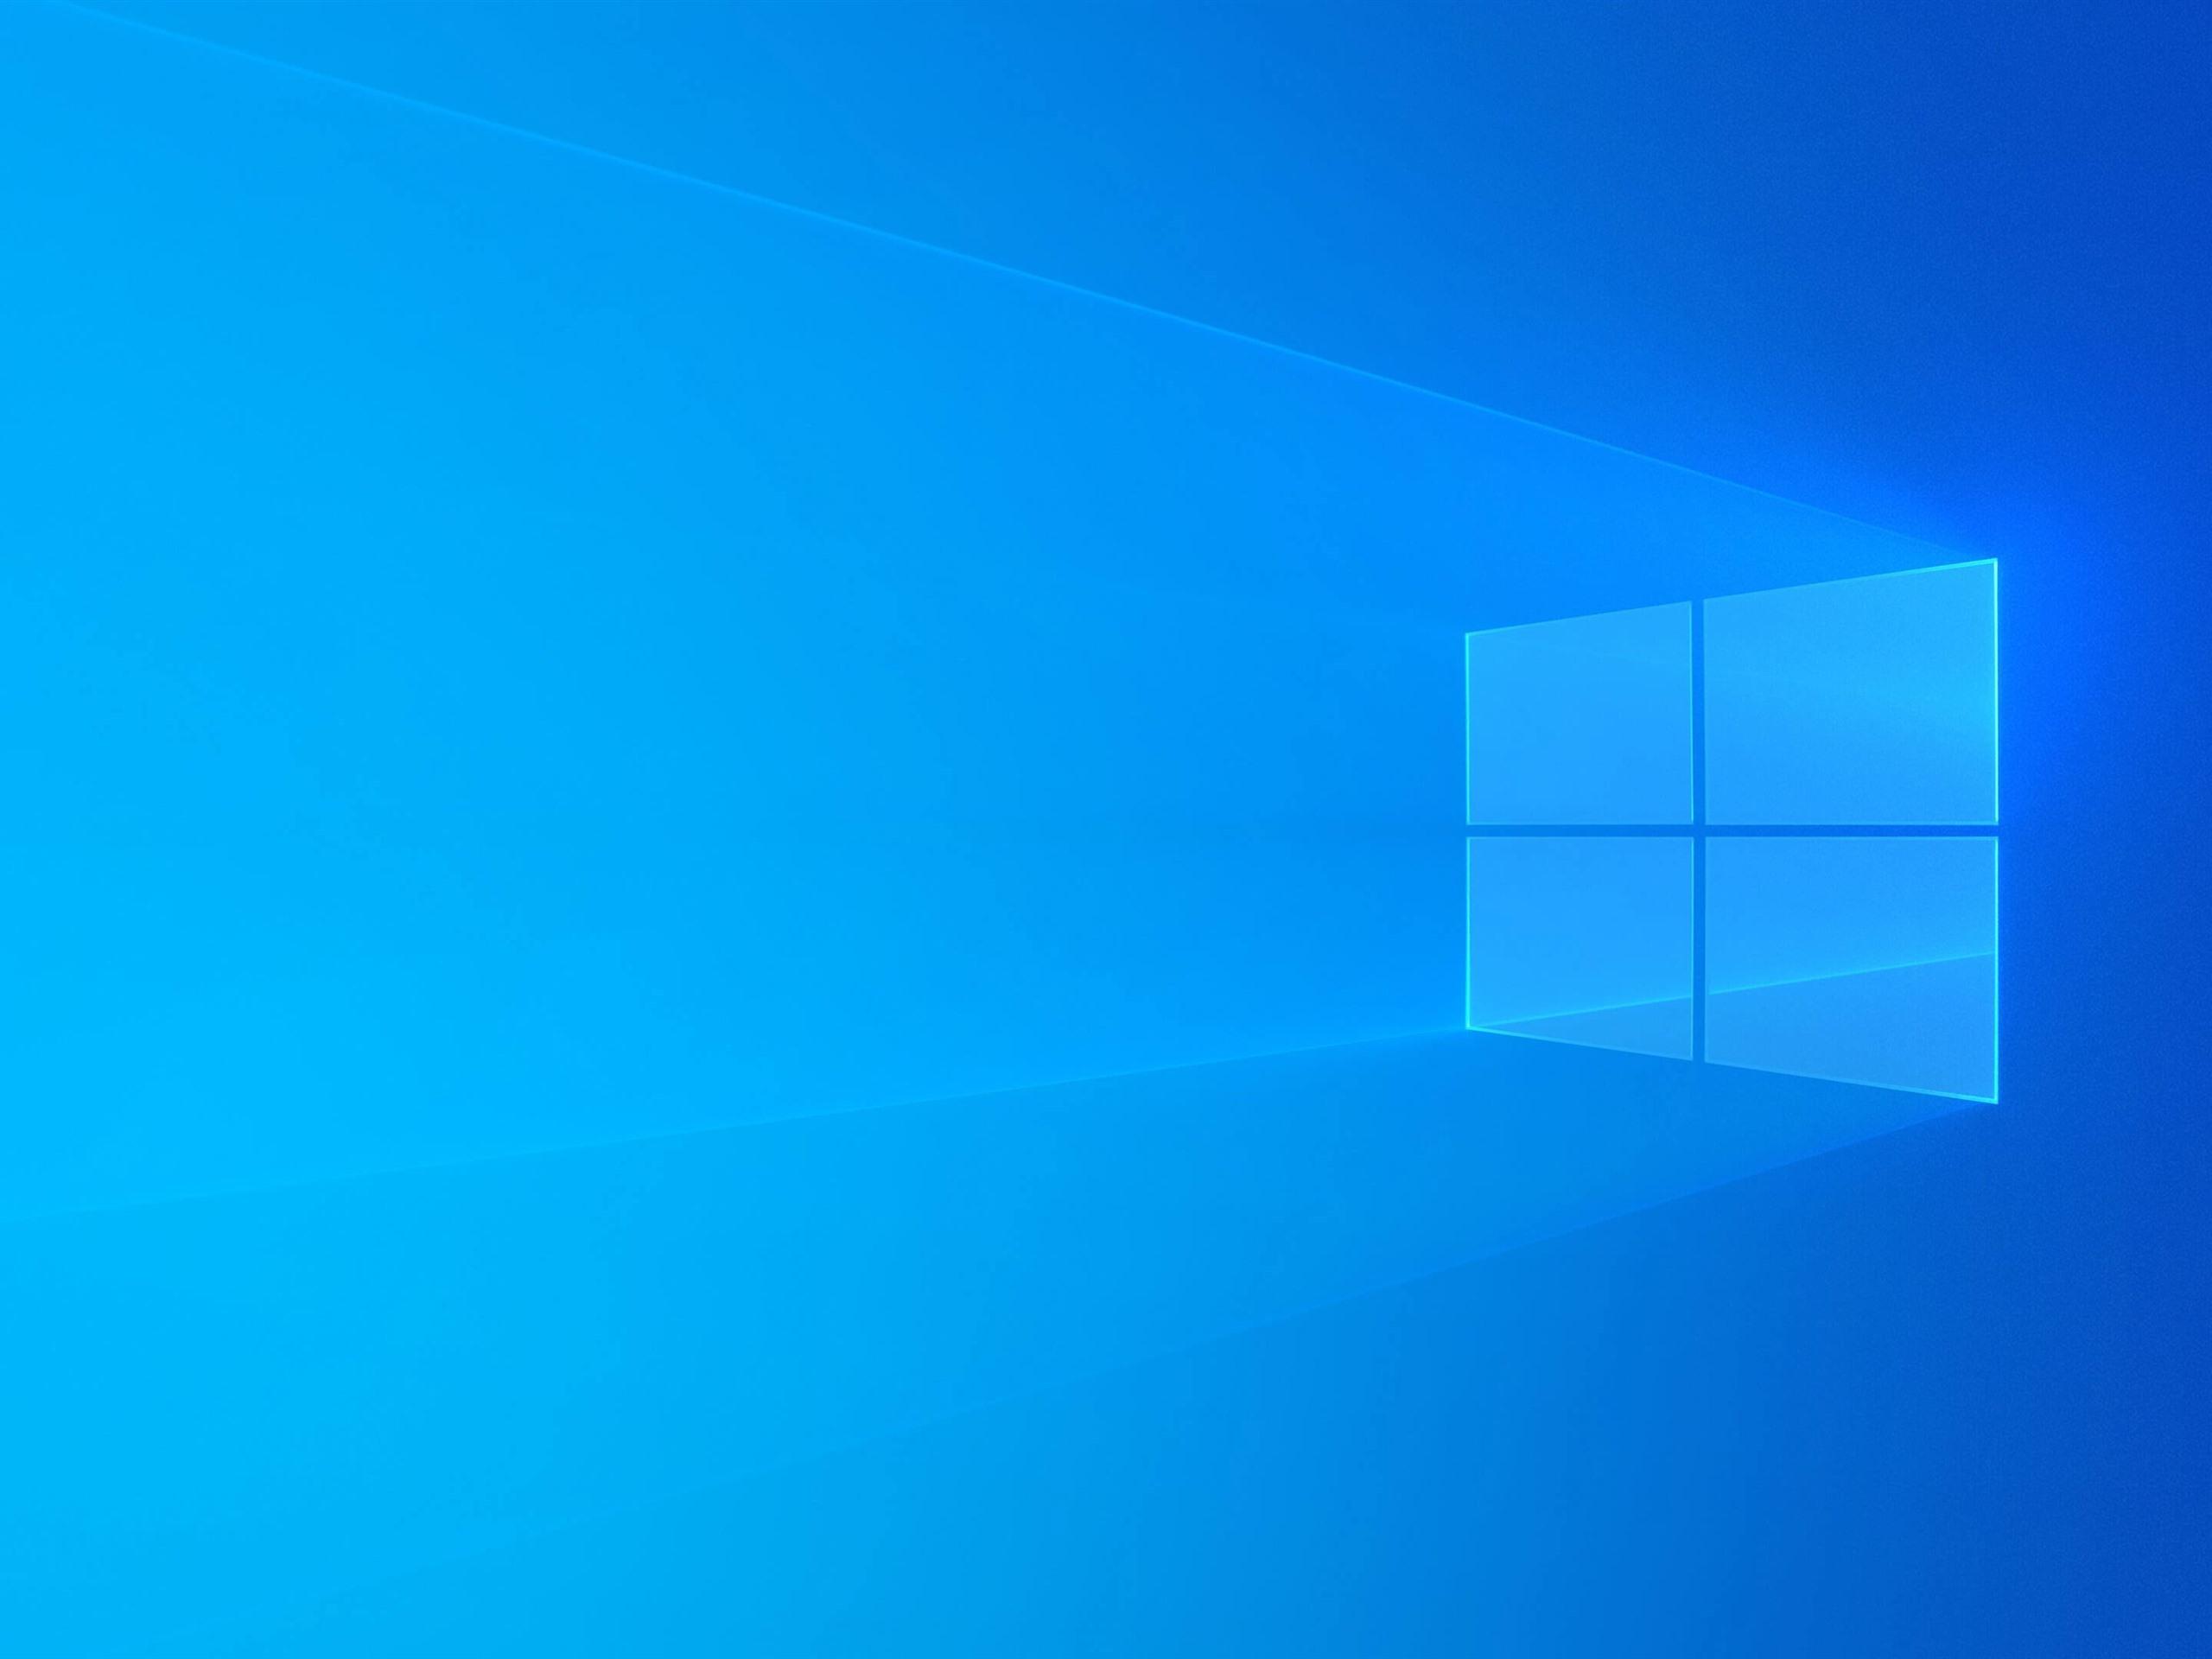 壁紙 Windows 10 青色の背景 光 抽象的なデザイン 3840x2160 Uhd 4k